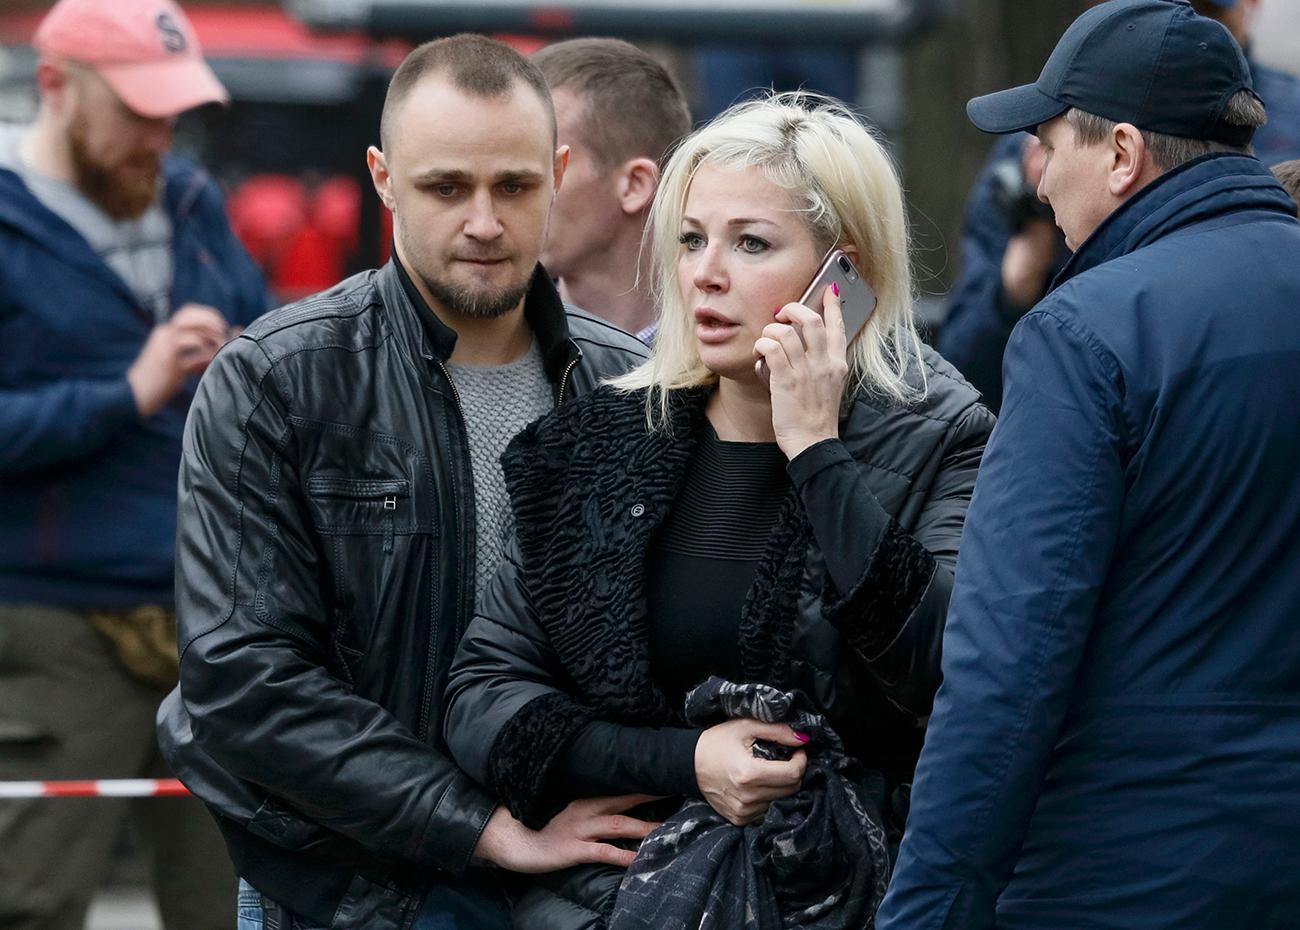 La moglie della vittima, Maria Maksakova, poco dopo l'omicidio. Kiev, Ucraina, 23 marzo 2017. Fonte: Reuters